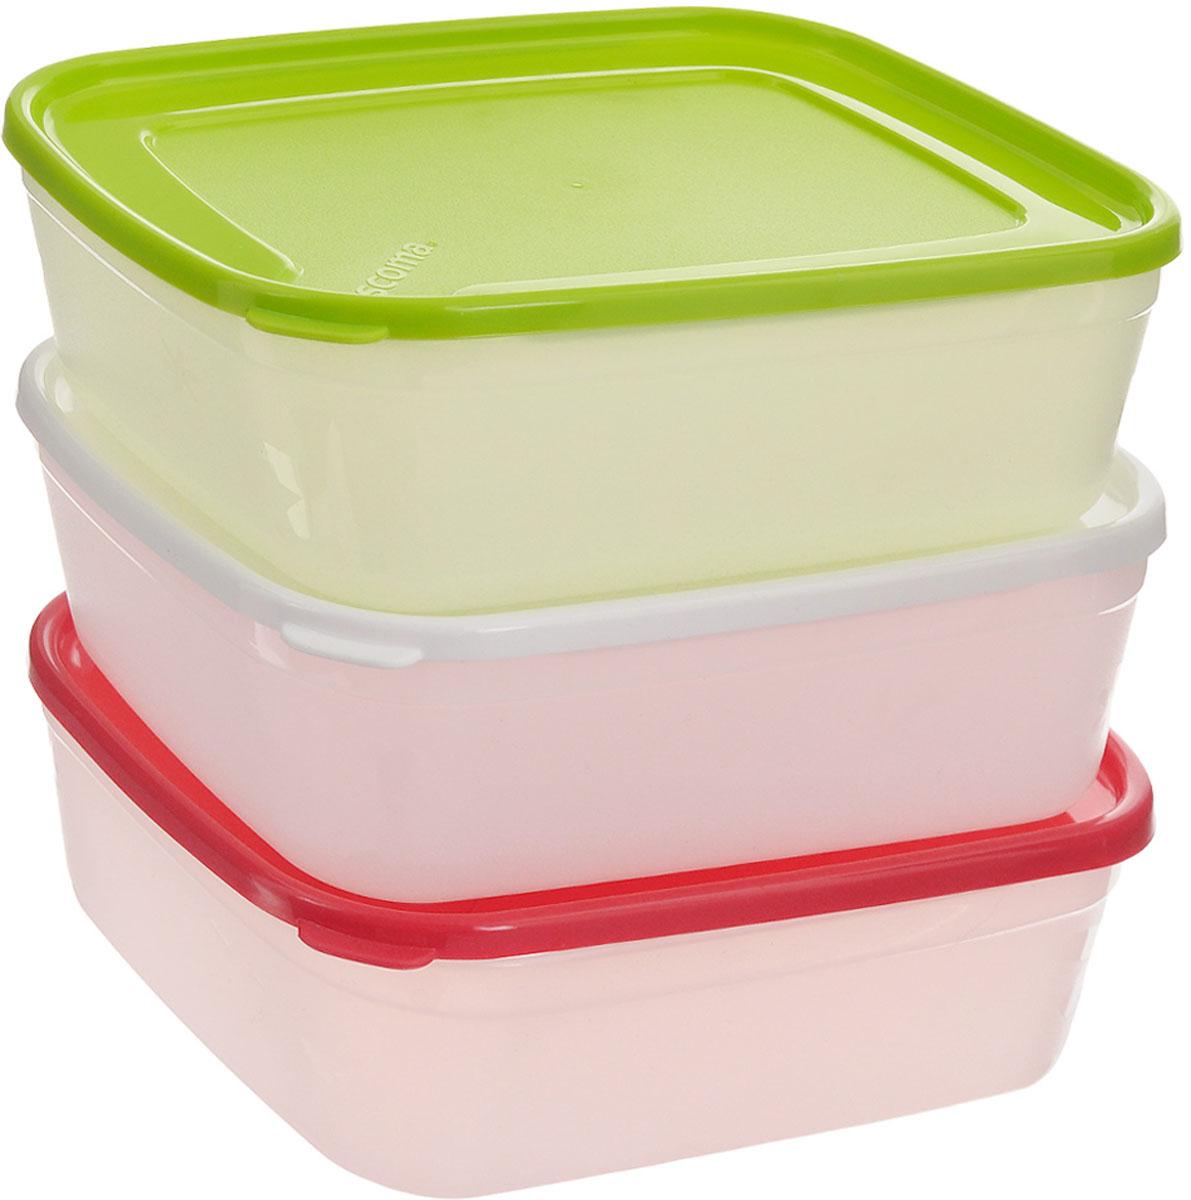 Набор контейнеров для заморозки Tescoma Purity, 1 л, 3 шт891864Набор Tescoma Purity, выполненный из высококачественного пищевого пластика, состоит из трех контейнеров с плотно закрывающимися цветными крышками. Изделия отлично подходят для хранения продуктов в морозильной камере или холодильнике. Контейнеры удобно складываются друг в друга, что экономит пространство при хранении в шкафу.Пригодны для морозильников, холодильников, микроволновых печей. При использовании в микроволновой печи всегда оставляйте крышку приоткрытой. Можно мыть в посудомоечной машине. Объем контейнера: 1 л.Размер контейнера (без учета крышки): 17 х 13 х 6,7 см.